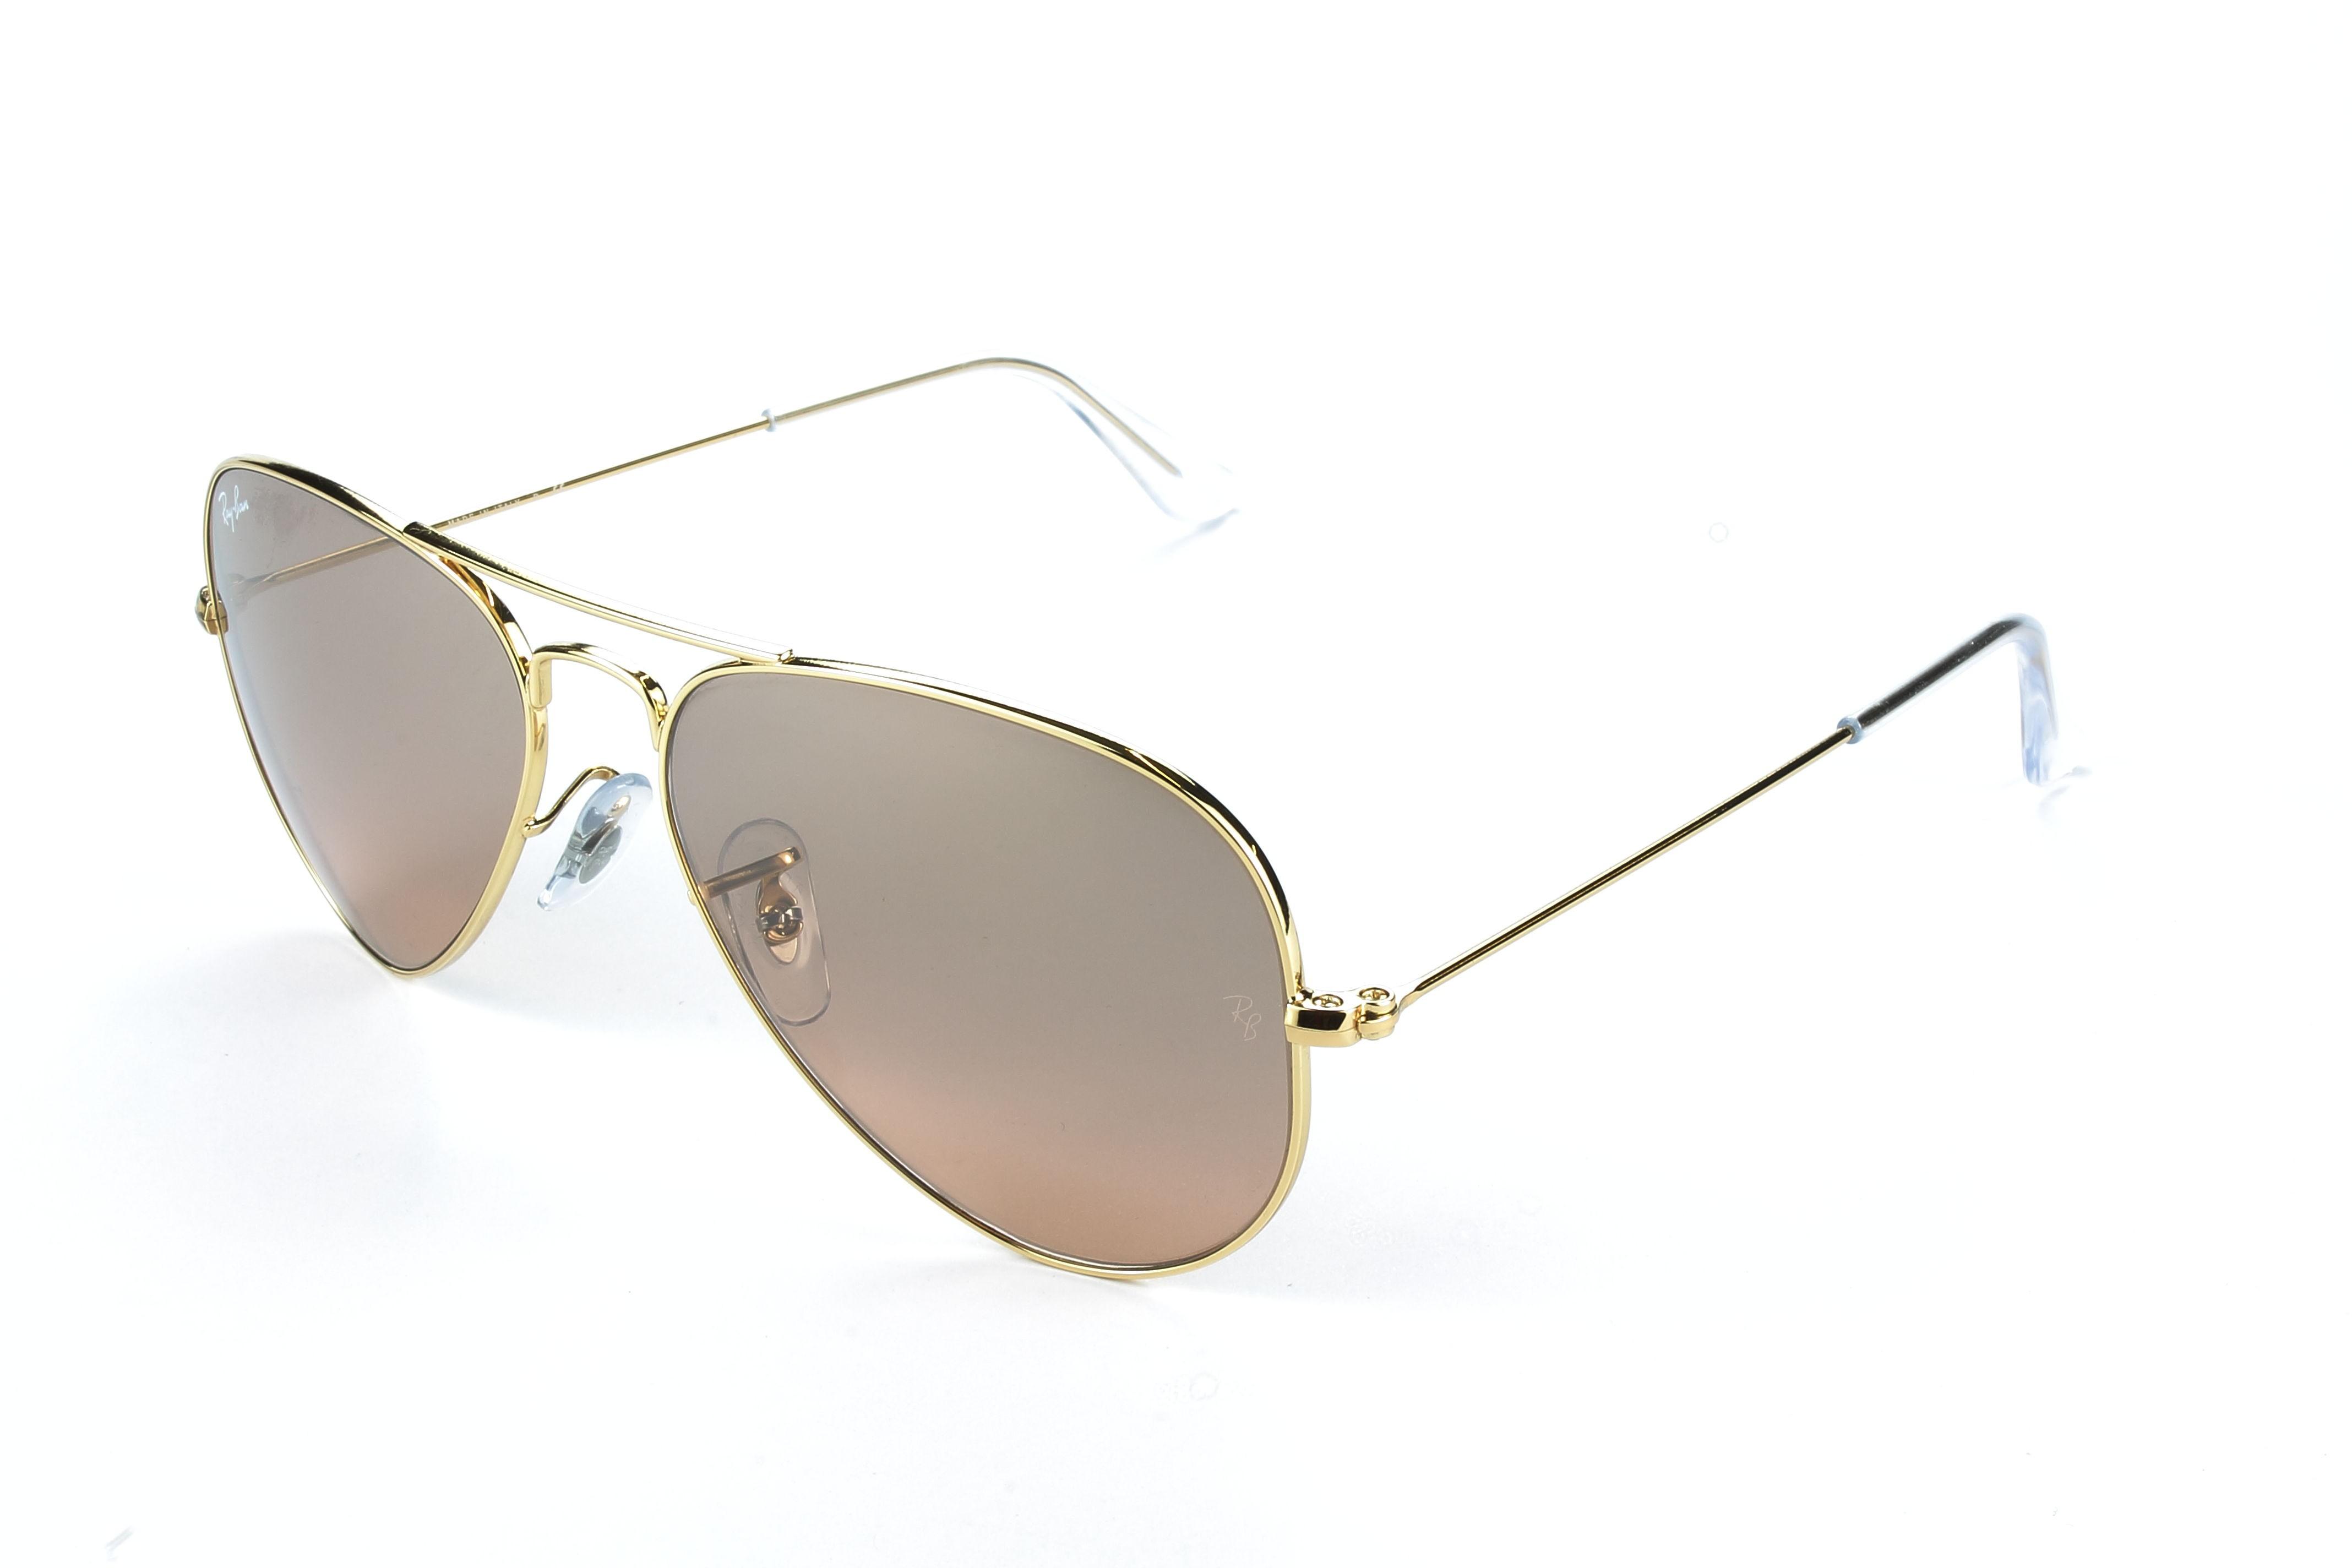 Ray Ban Női Napszemüvegek  f12cc55ba7